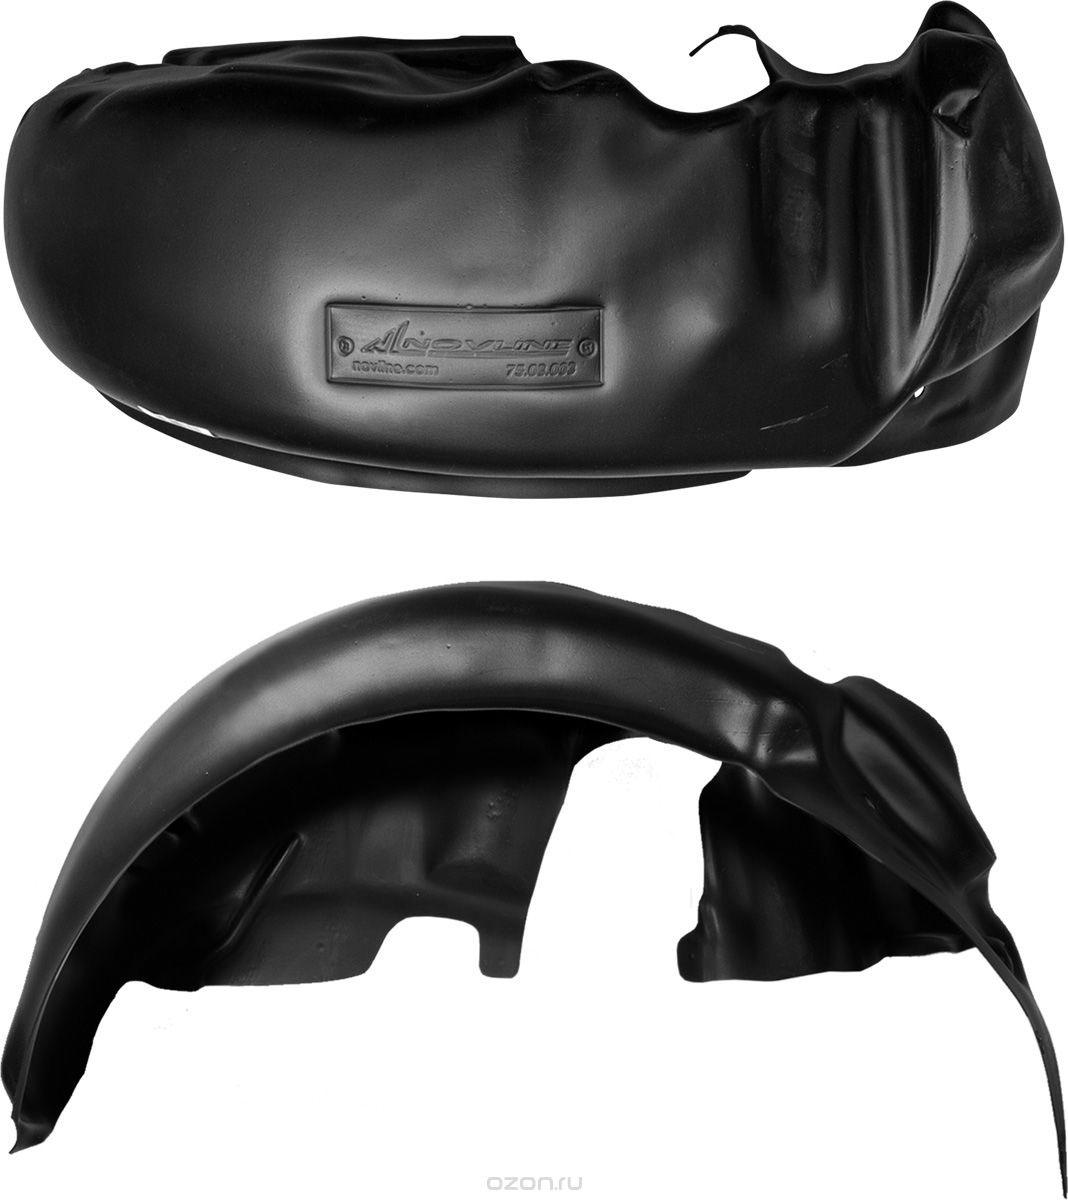 Подкрылок Novline-Autofamily, для Brilliance V5, 2014->, передний правыйNLL.95.01.002Идеальная защита колесной ниши. Локеры разработаны с применением цифровых технологий, гарантируют максимальную повторяемость поверхности арки. Изделия устанавливаются без нарушения лакокрасочного покрытия автомобиля, каждый подкрылок комплектуется крепежом. Уважаемые клиенты, обращаем ваше внимание, что фотографии на подкрылки универсальные и не отражают реальную форму изделия. При этом само изделие идет точно под размер указанного автомобиля.